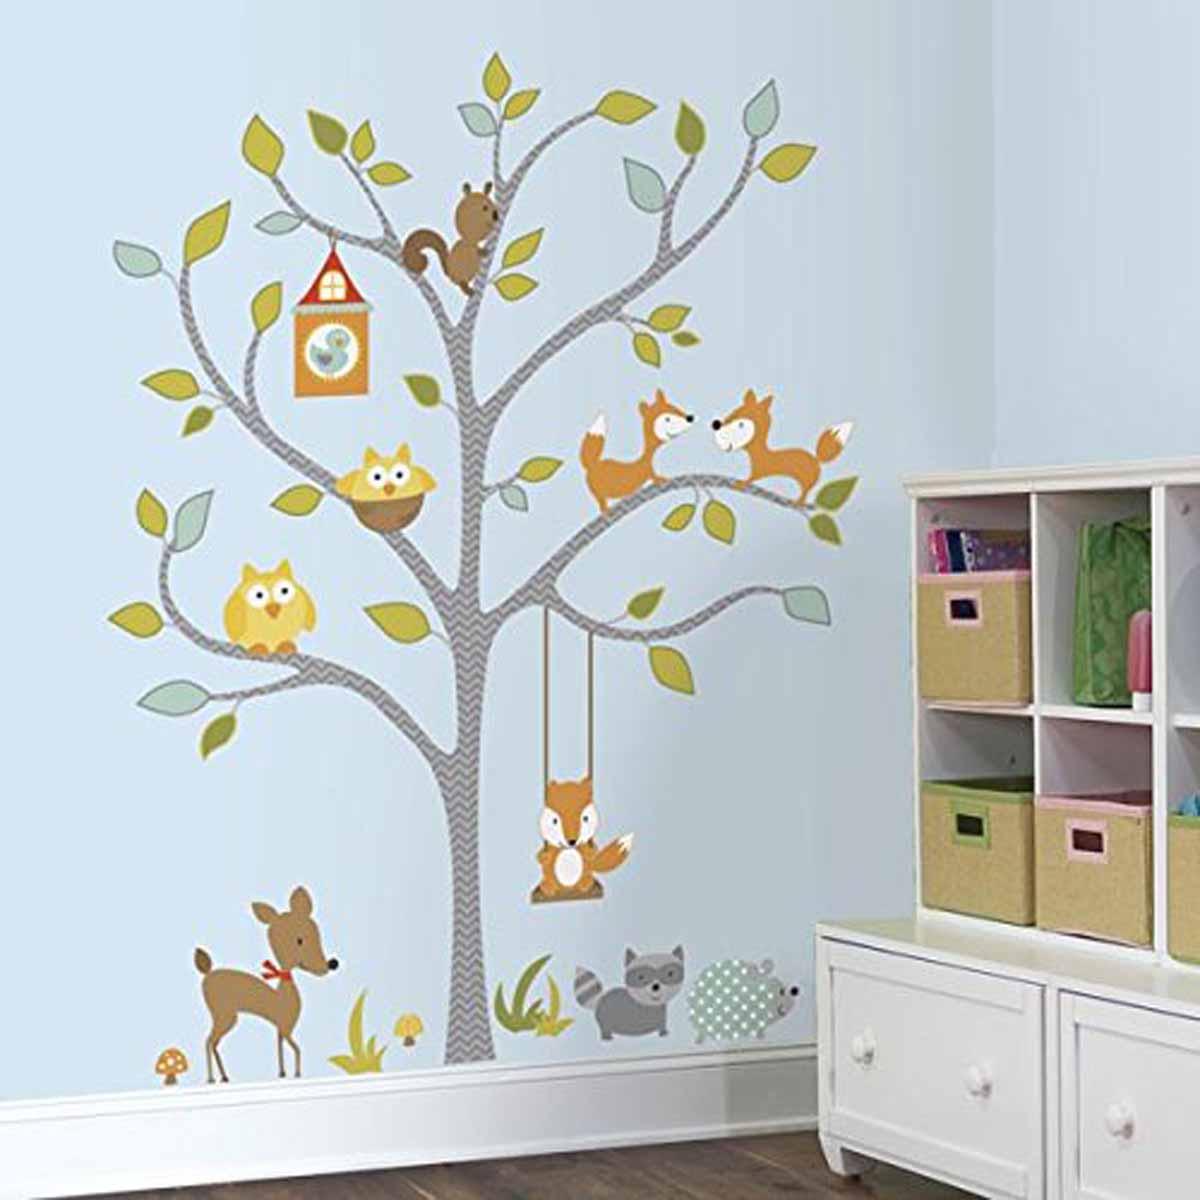 RoomMates Наклейка интерьерная Лисички 80 штRMK2729SLMИнтерьерная наклейка Лисички от знаменитого производителя RoomMates обязательно станет украшением вашей квартиры.Придайте яркий и оригинальный вид комнате вашего ребенка с новым набором наклеек большого формата для декора! Наклейки, входящие в набор, содержат изображение дерева и различных животных: лисичек, енота, сов, олененка, ежика, белочки. Размер изображения в собранном виде (как представлено на фотографии) составляет 108,7 (ширина) х 147,3 (высота) см. Всего в наборе 80 стикеров. Наклейки не нужно вырезать - их следует просто отсоединить от защитного слоя и поместить на стену или любую другую плоскую гладкую поверхность. Наклейки многоразовые: их легко переклеивать и снимать со стены, они не оставляют липких следов на поверхности.